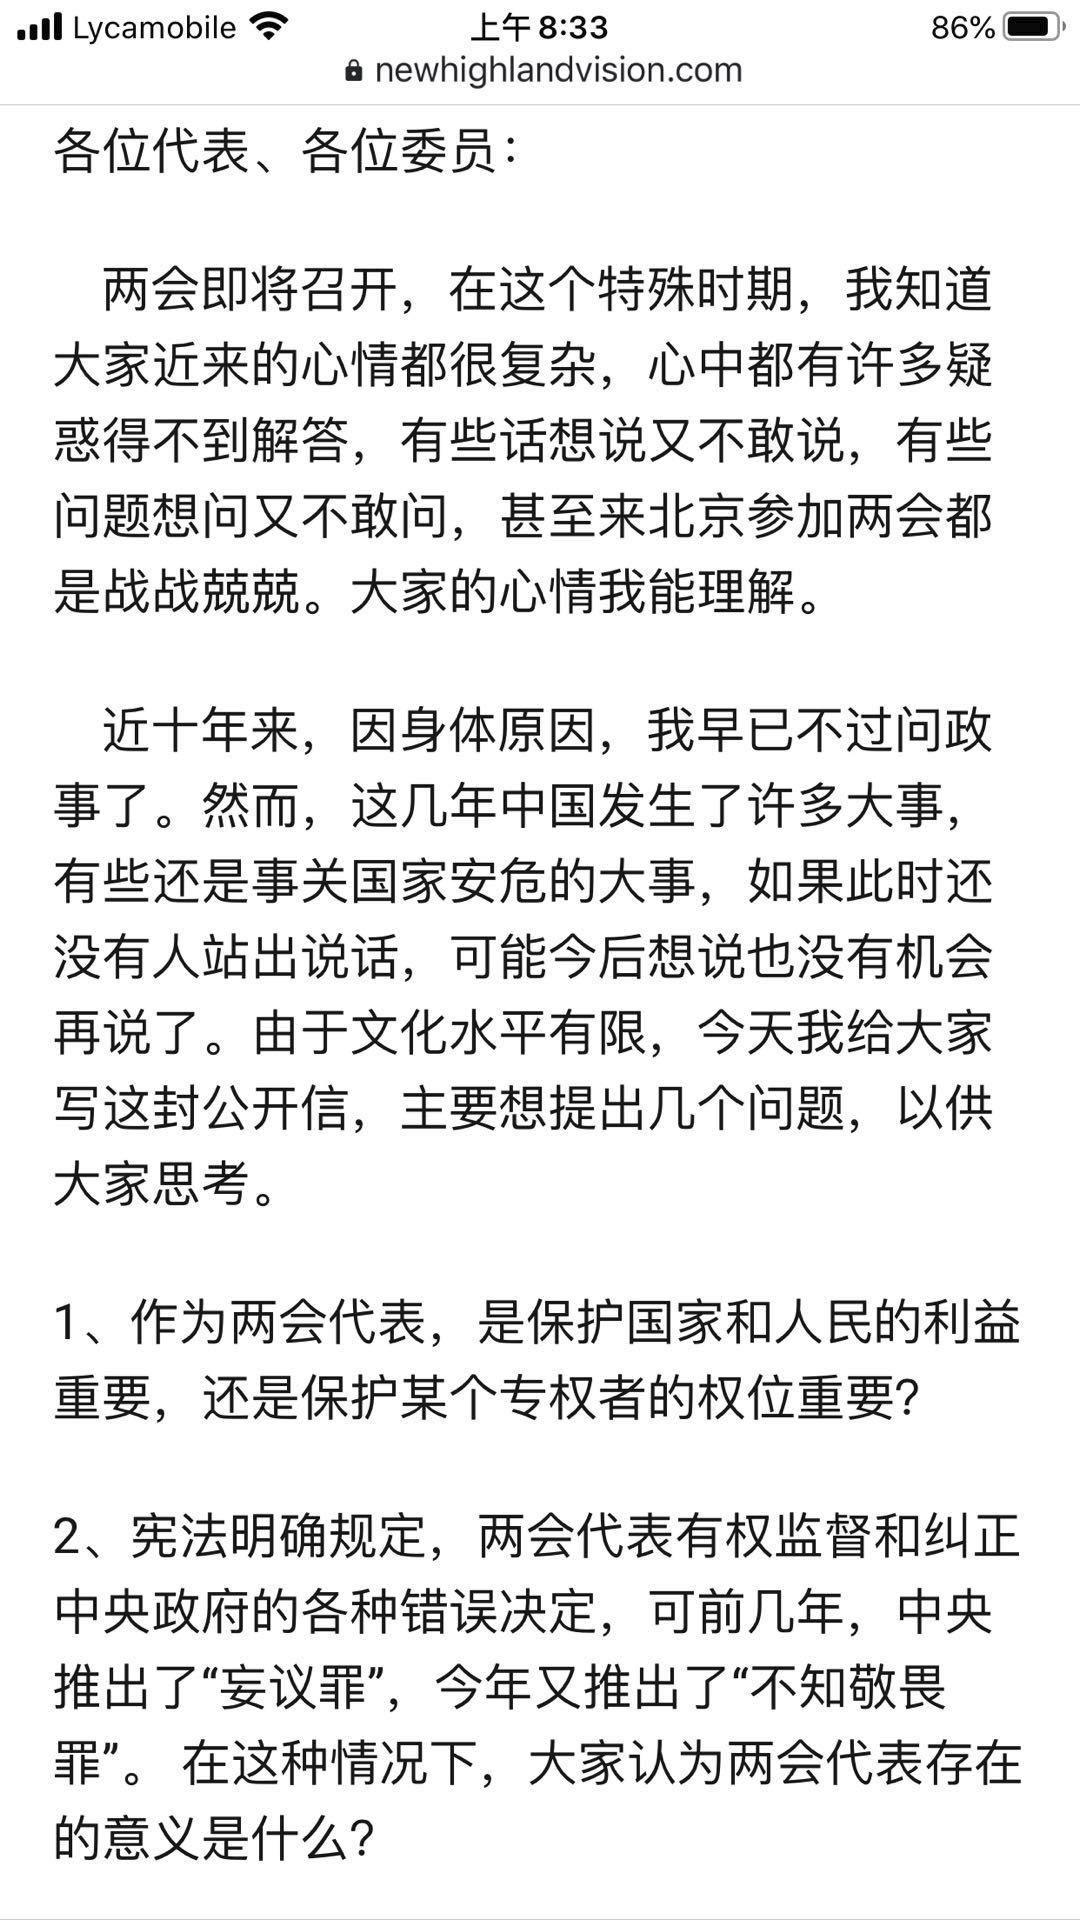 邓朴方讨习檄文